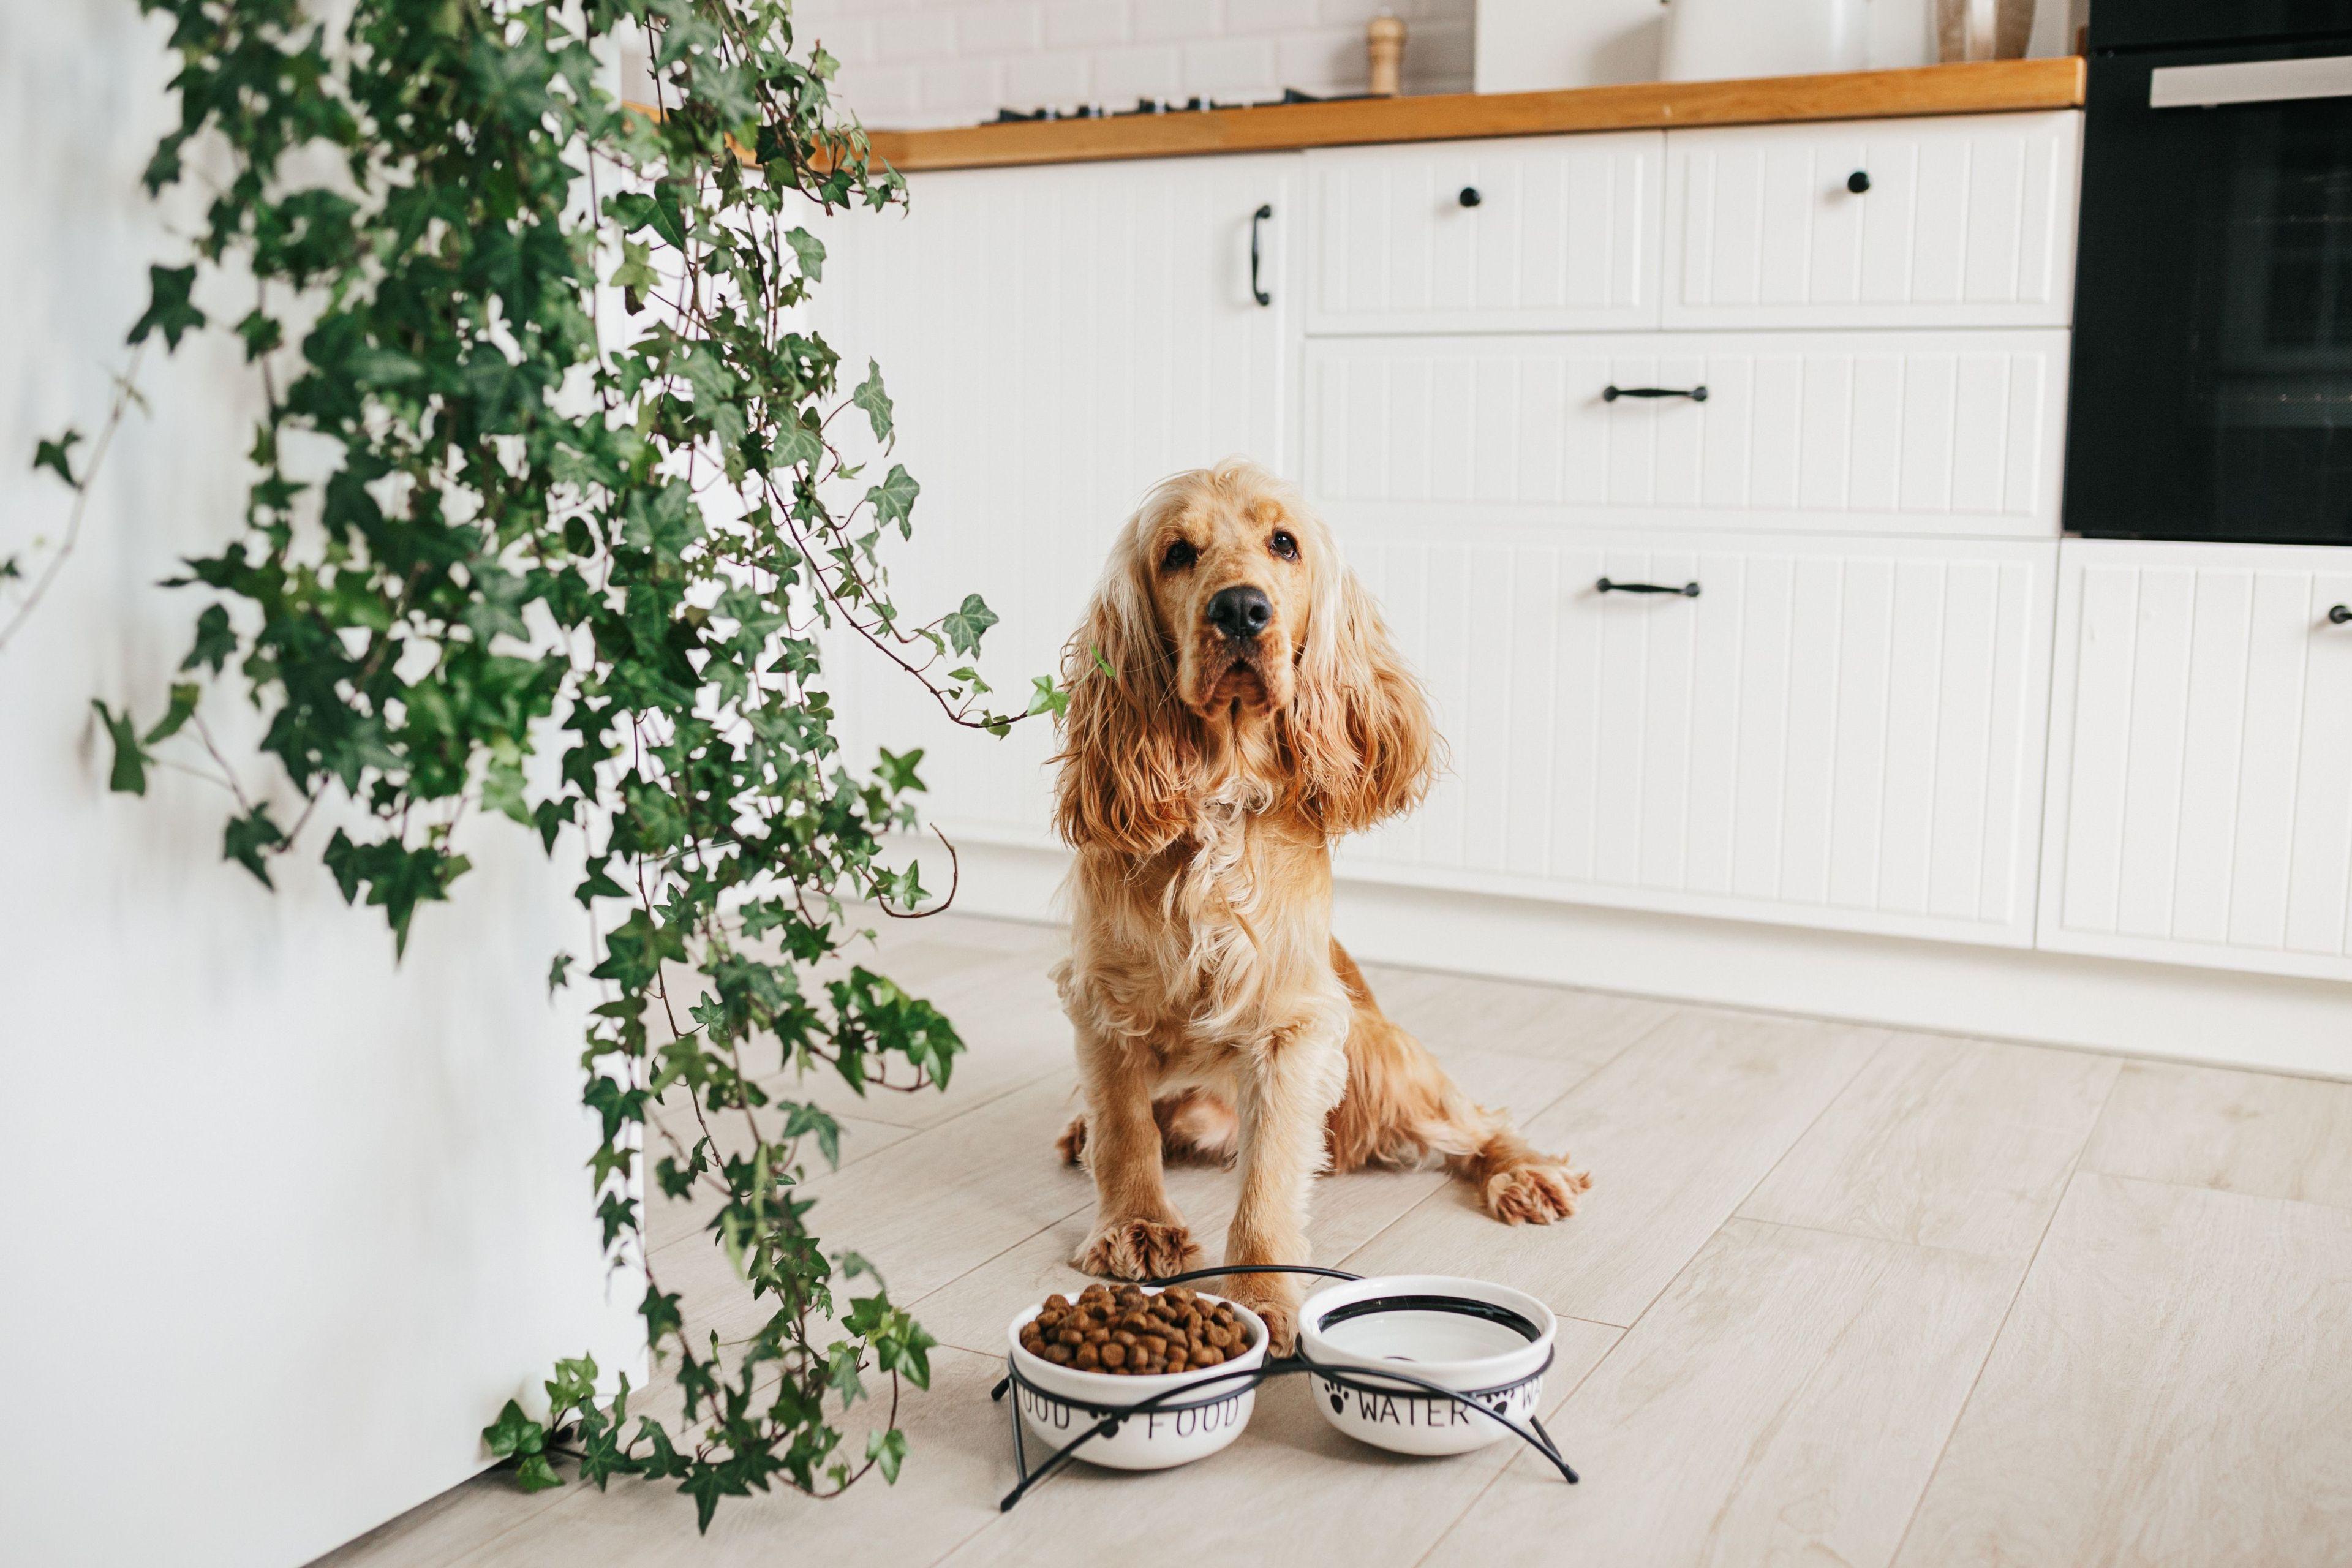 Un cane mangia da una ciotola